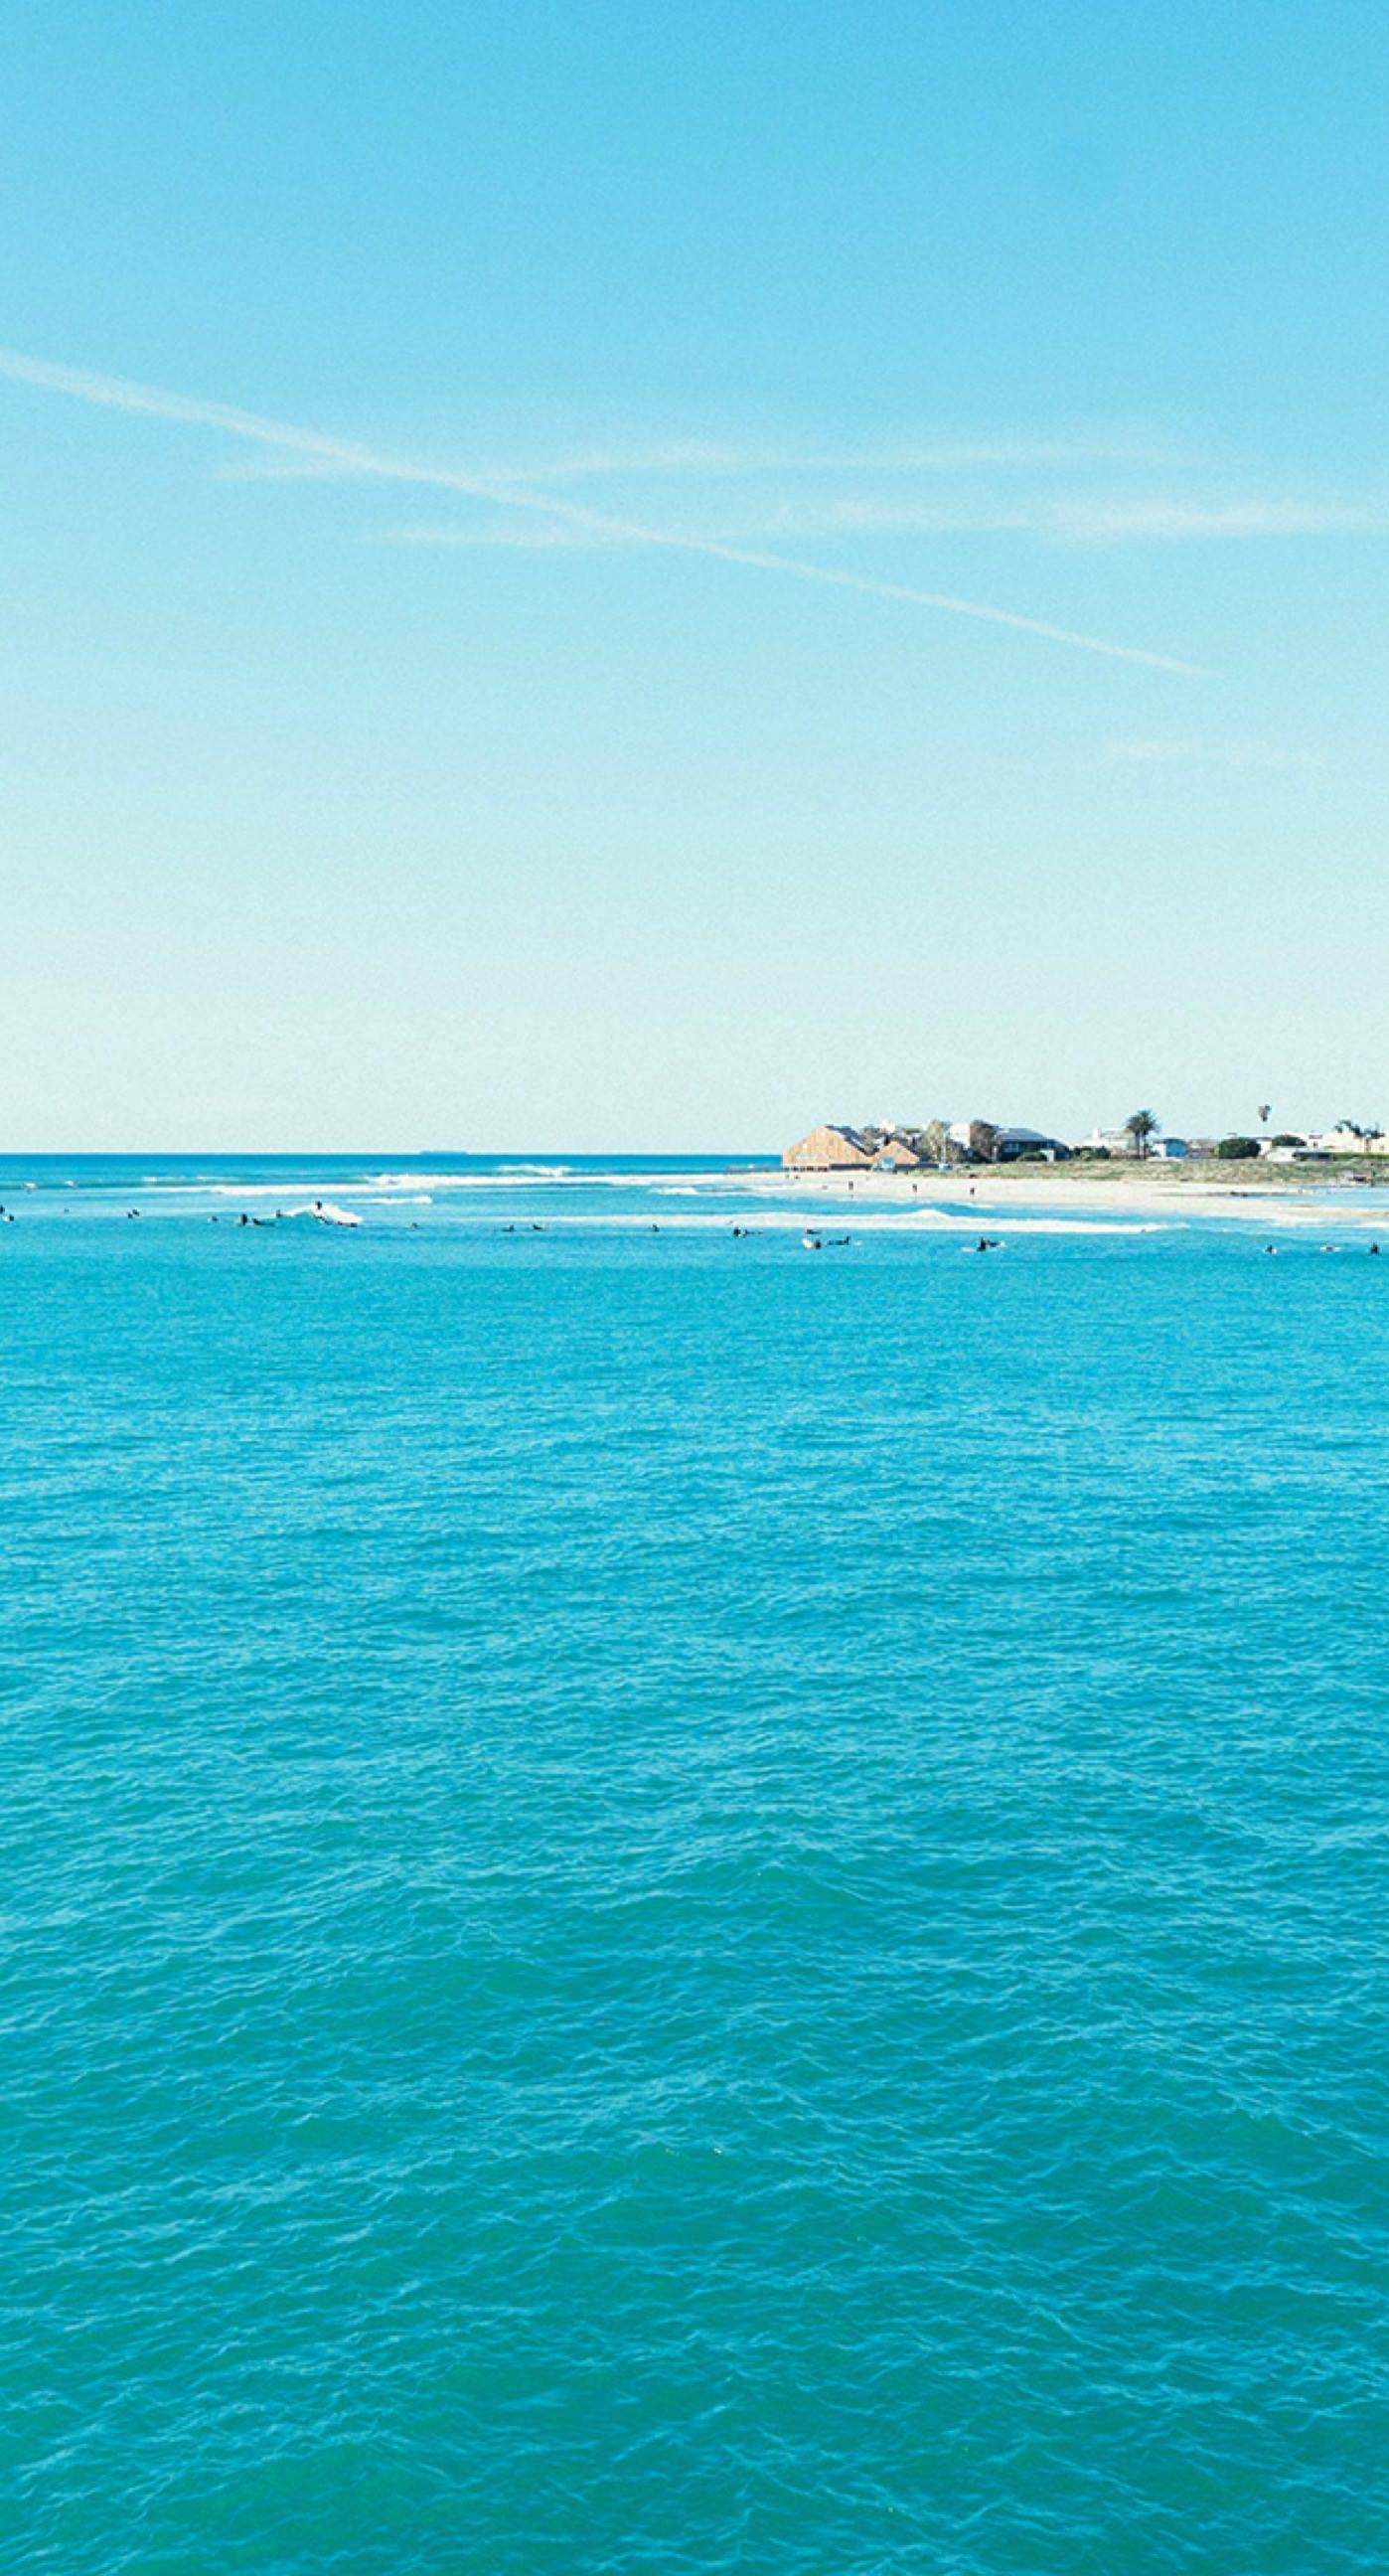 Download 660 Koleksi Background Pemandangan Laut Terbaik